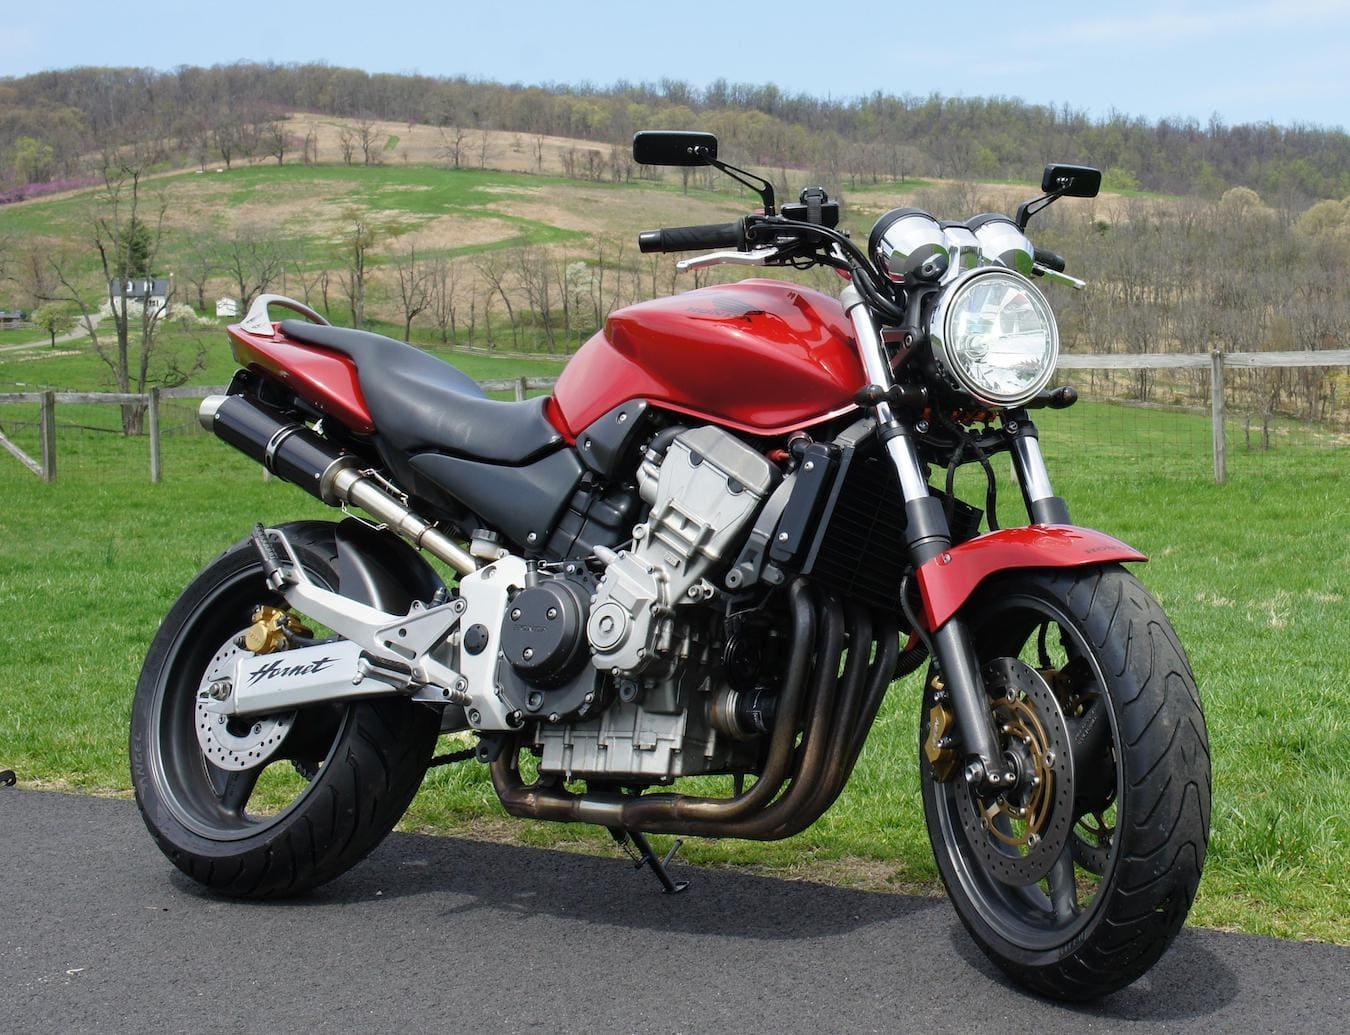 Honda CB900 919 Hornet, a modern equivalent of the venerable Honda CB900F Bol d'or